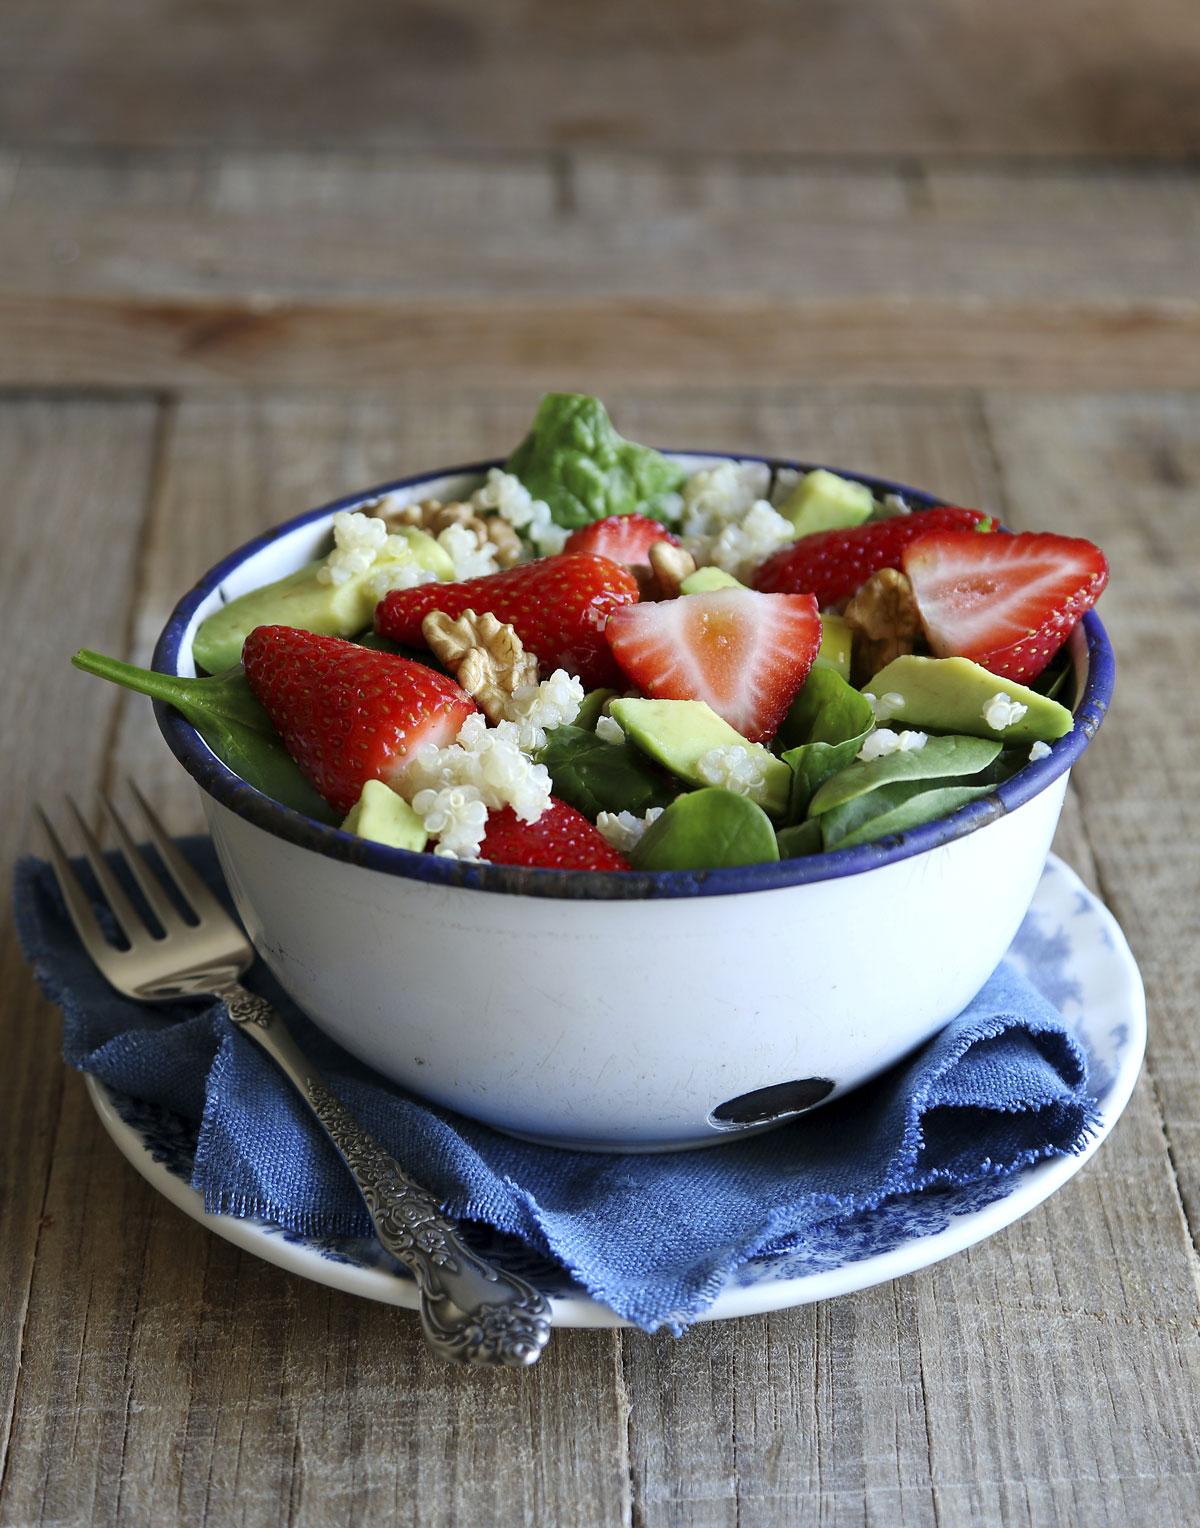 Recepty s jahodami: Jahodový salát se špenátem